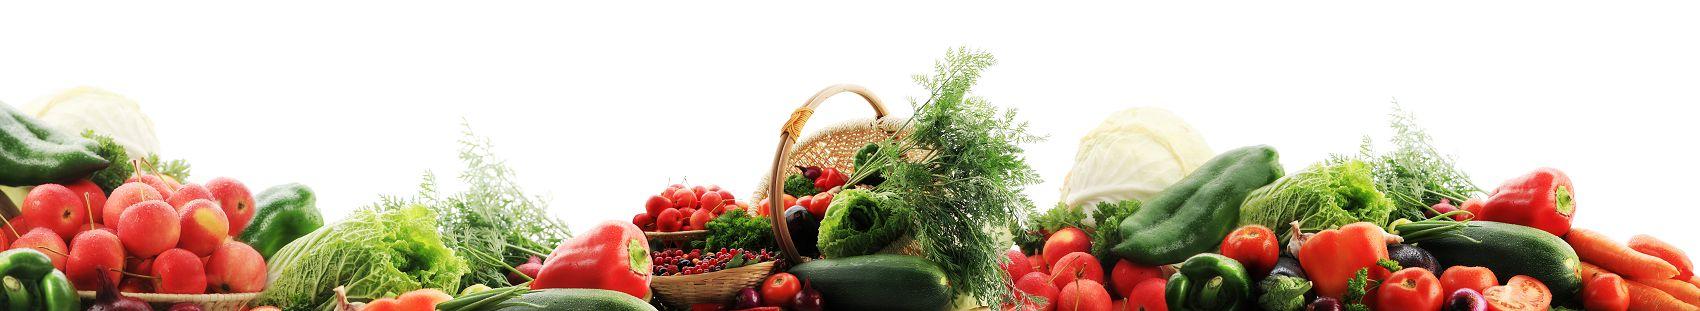 Фрукты овощи на белом фоне